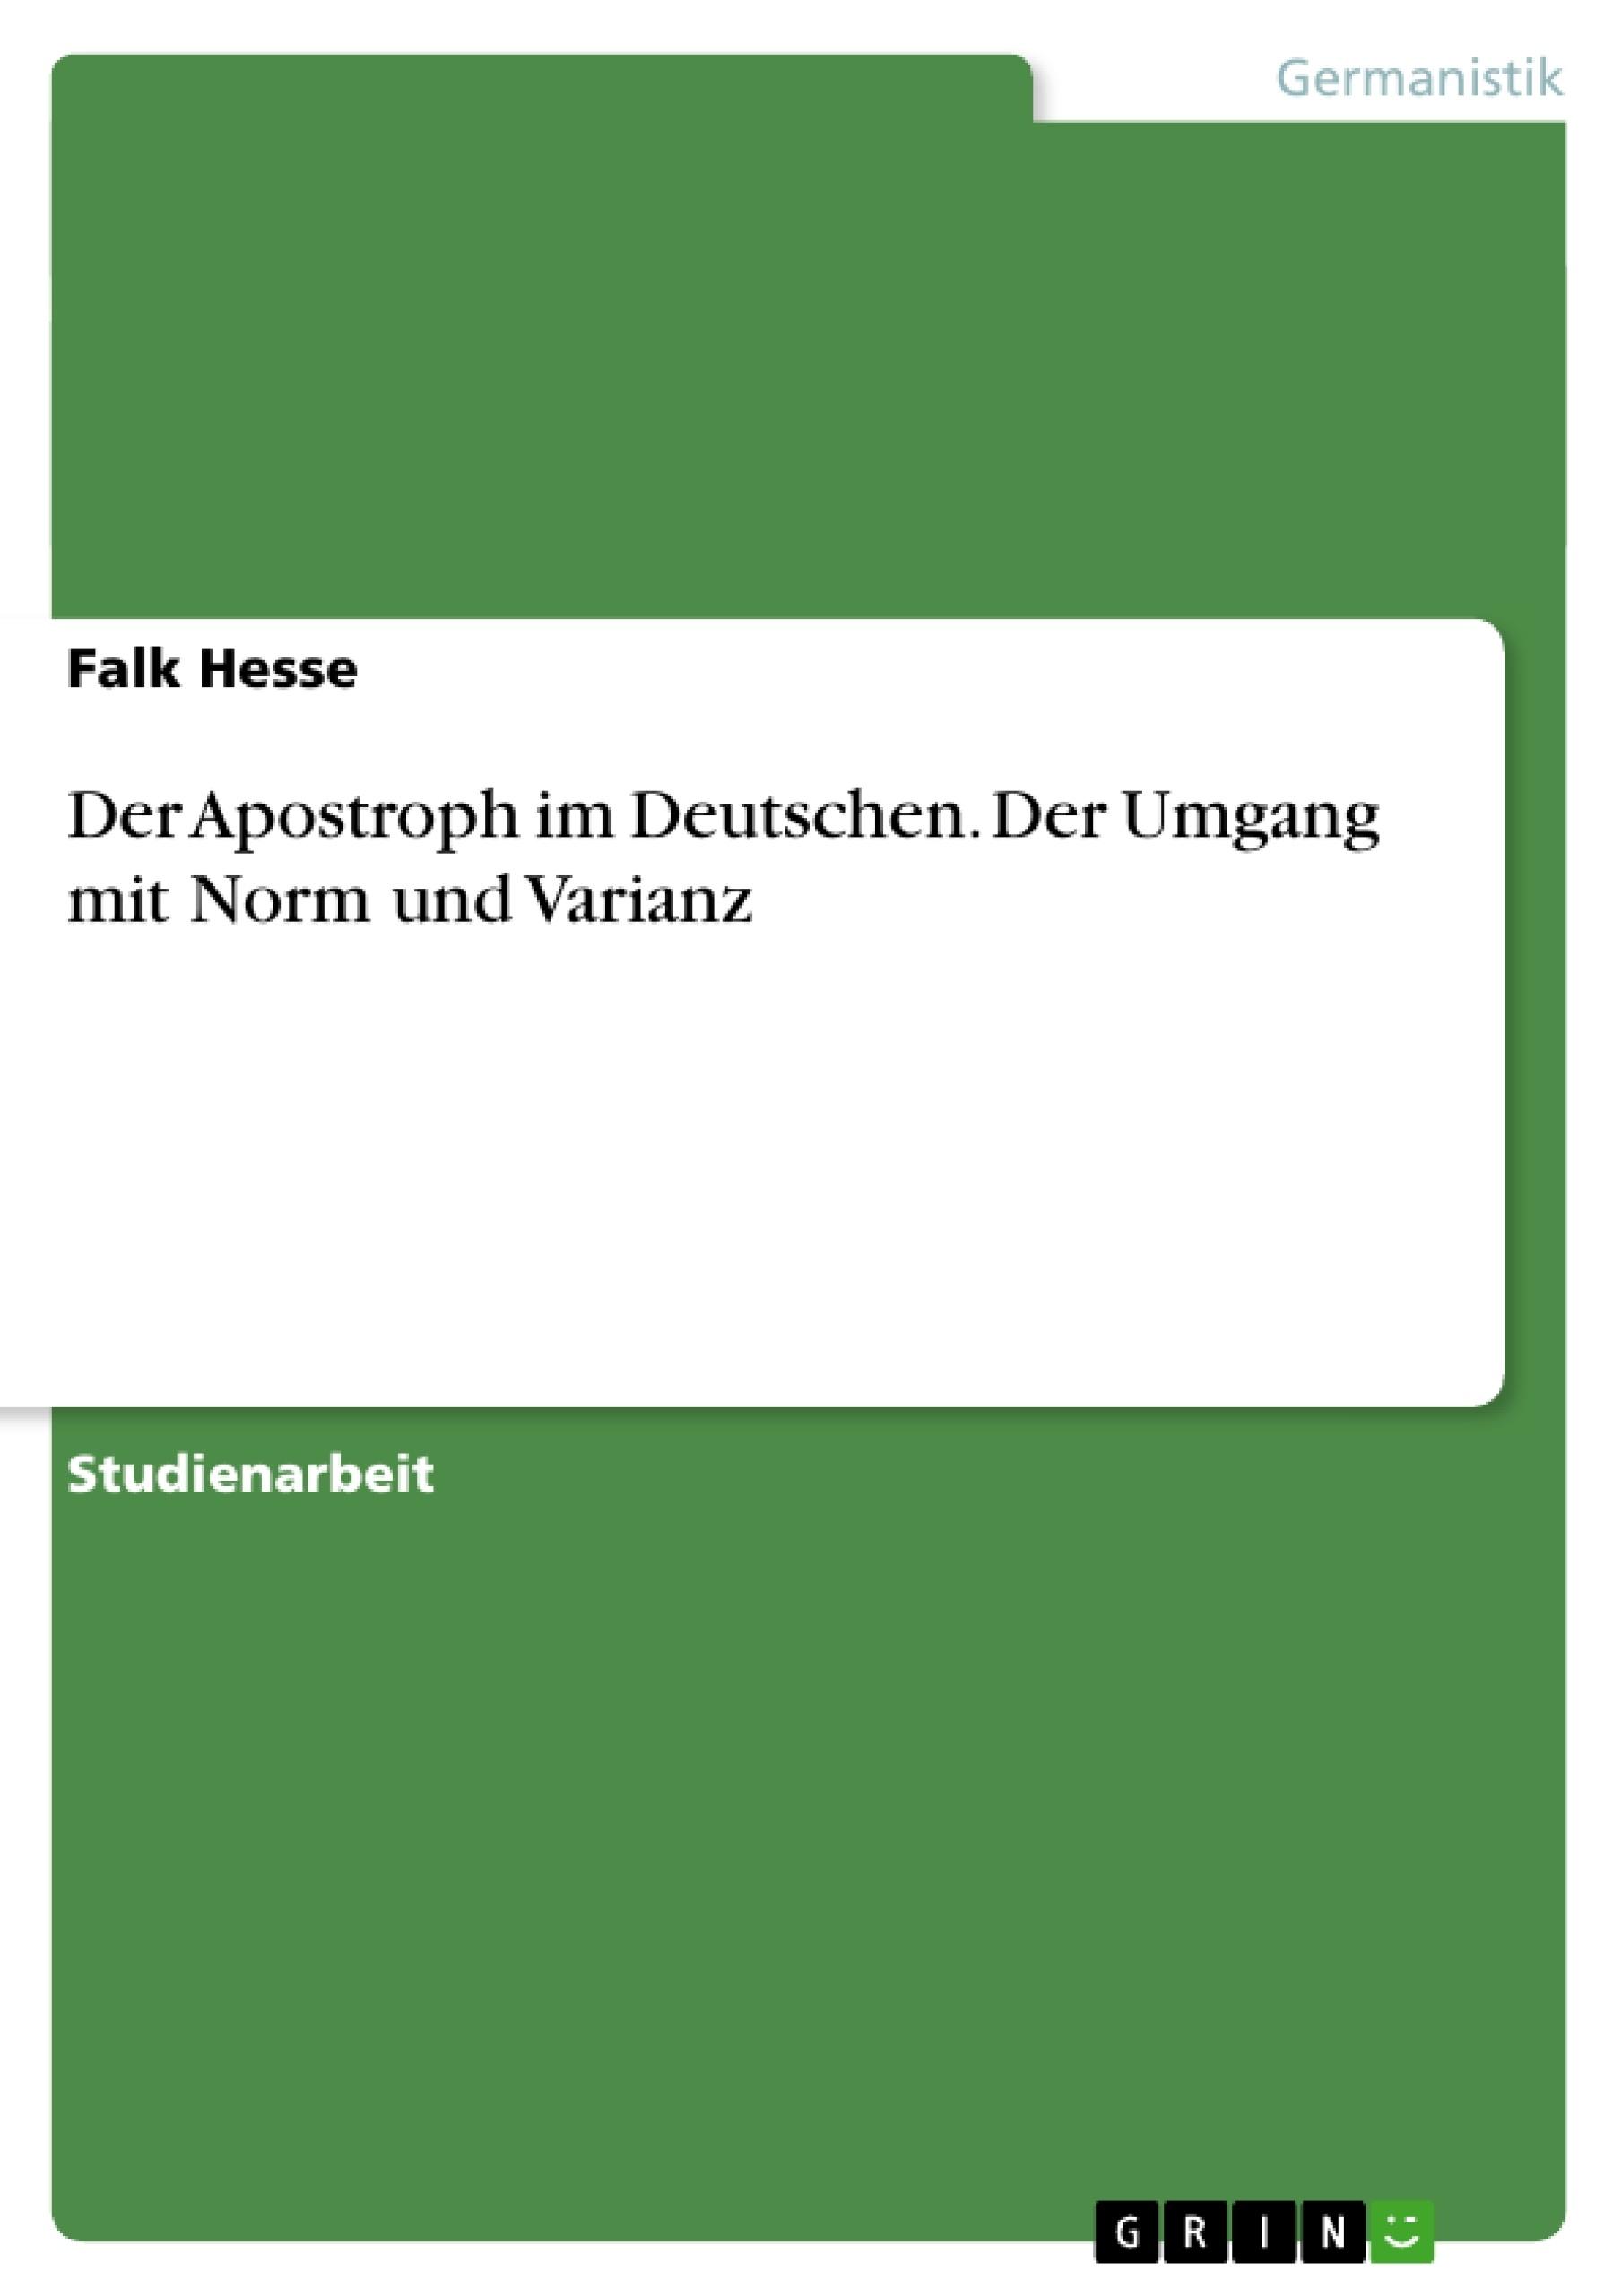 Titel: Der Apostroph im Deutschen. Der Umgang mit Norm und Varianz